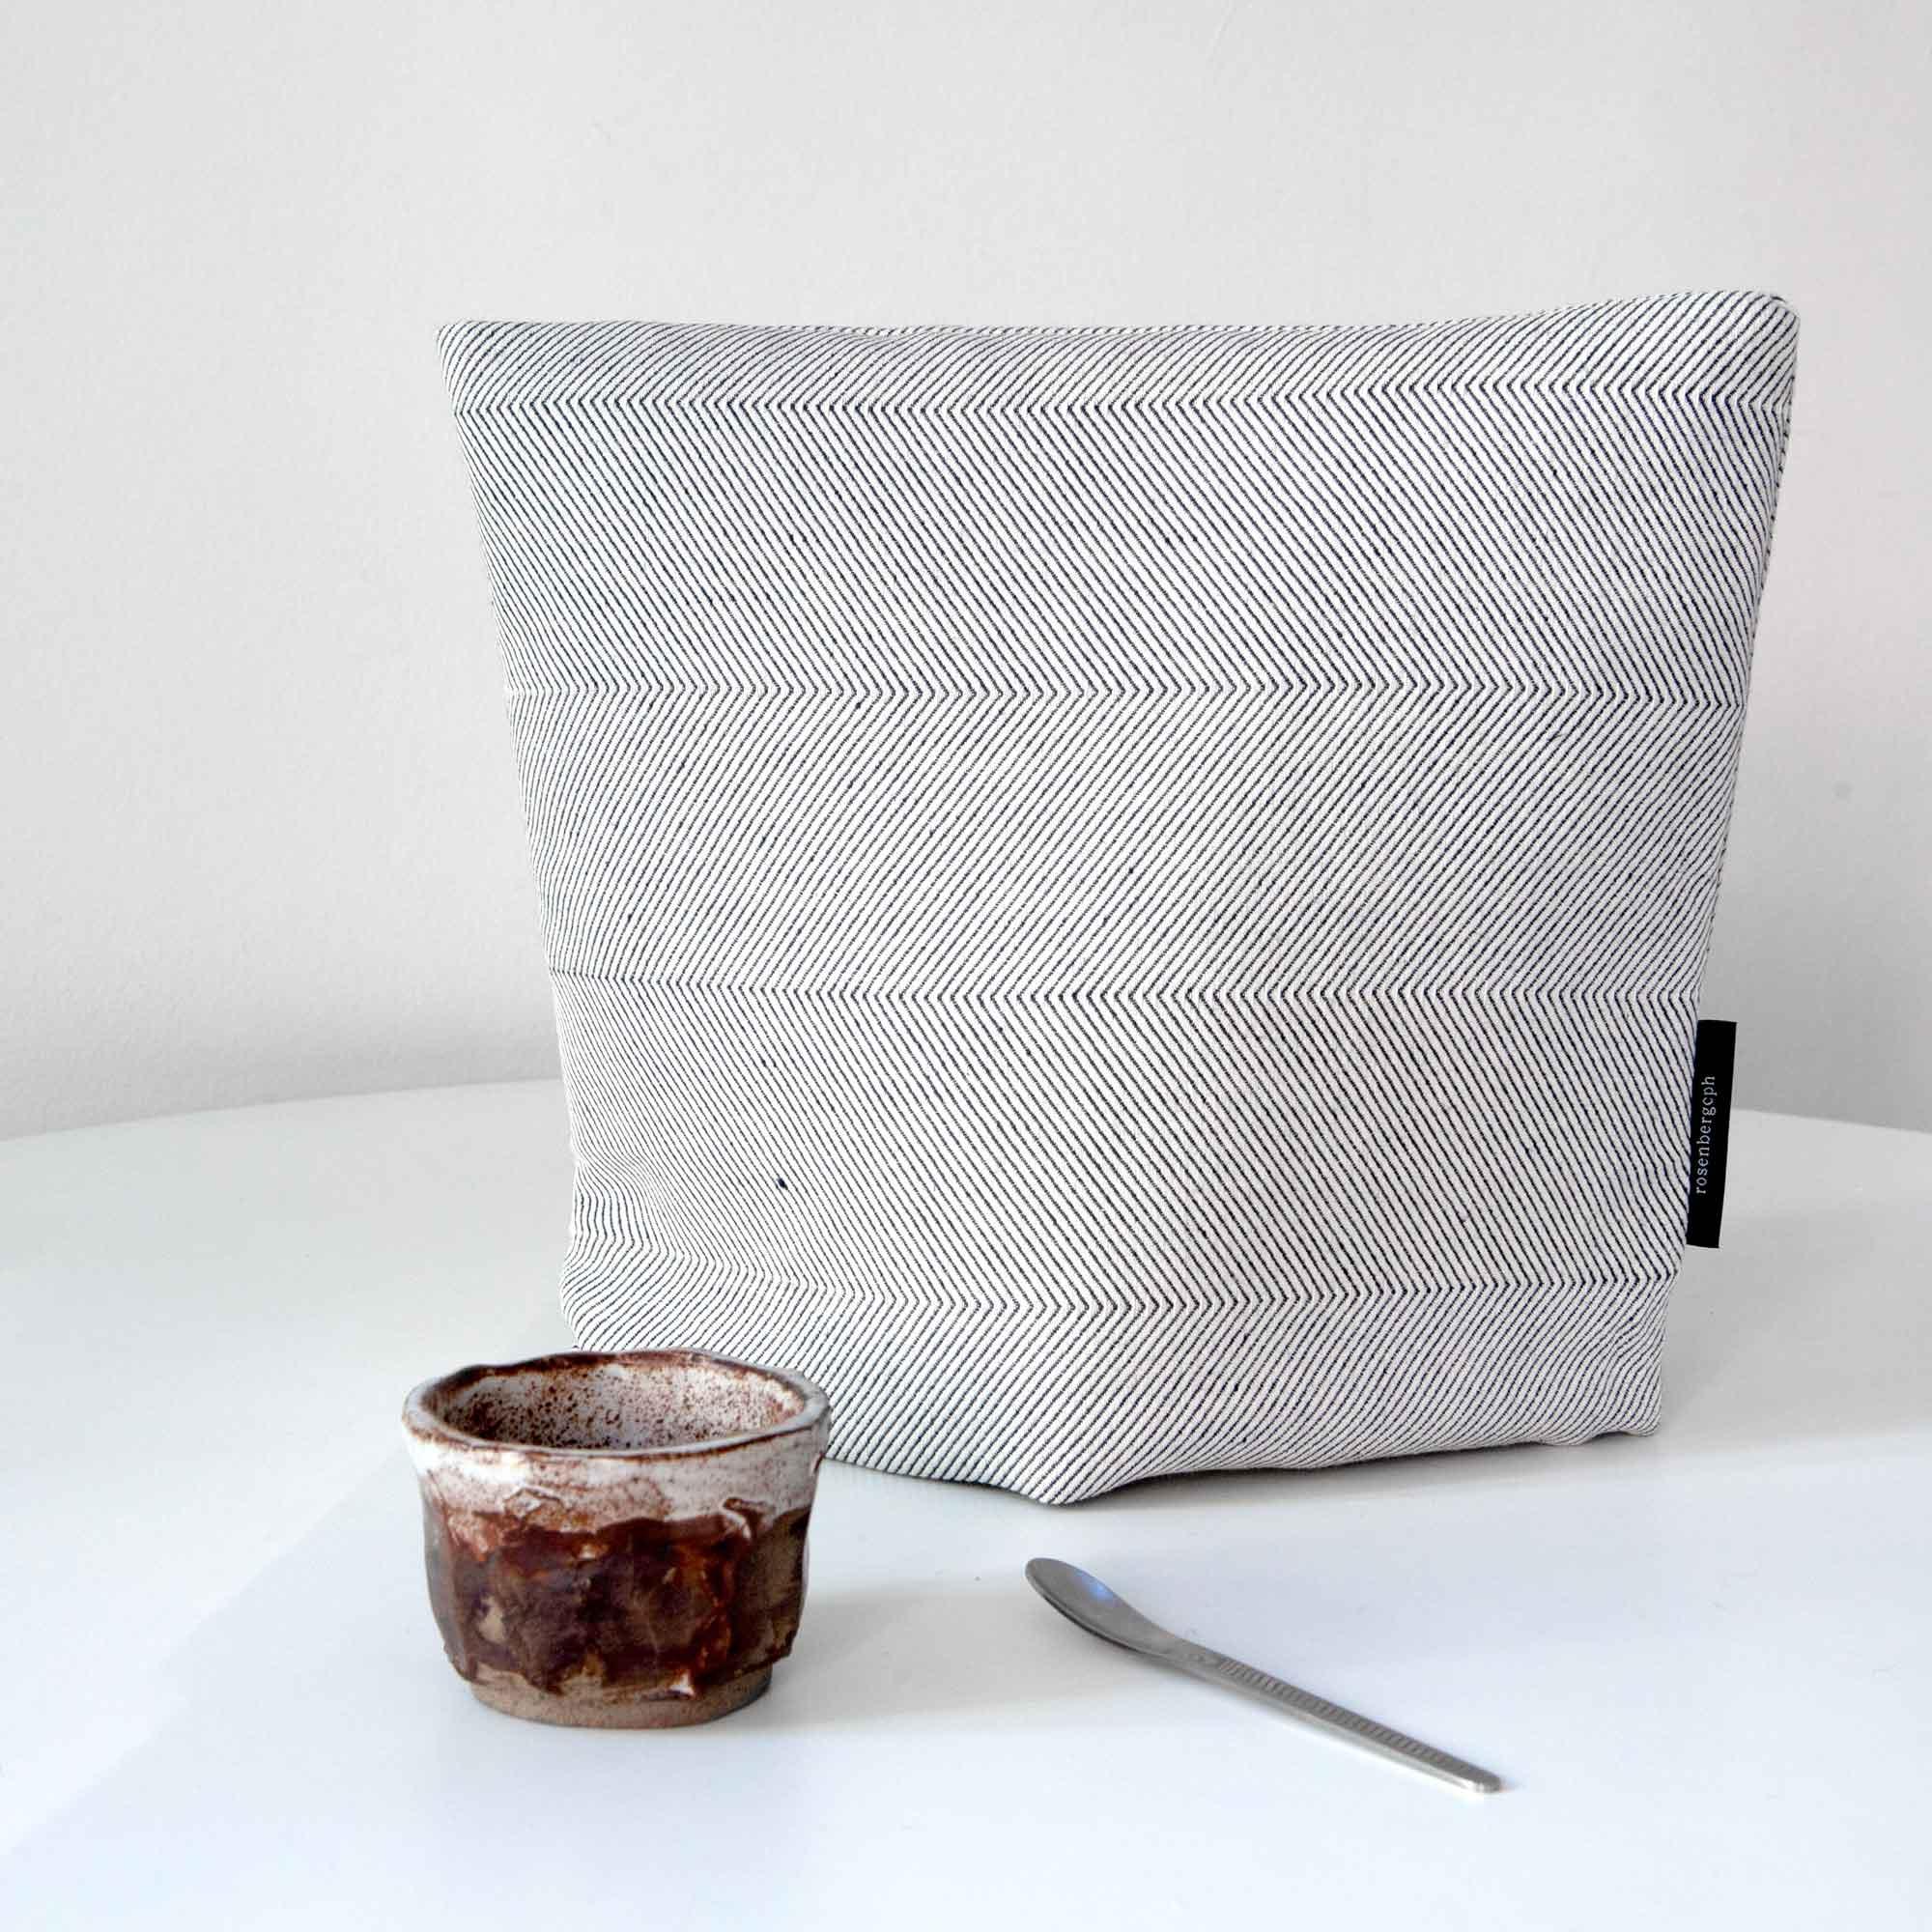 tea cosy, offwhite, linen/cotton, design by Anne Rosenberg, RosenbergCph